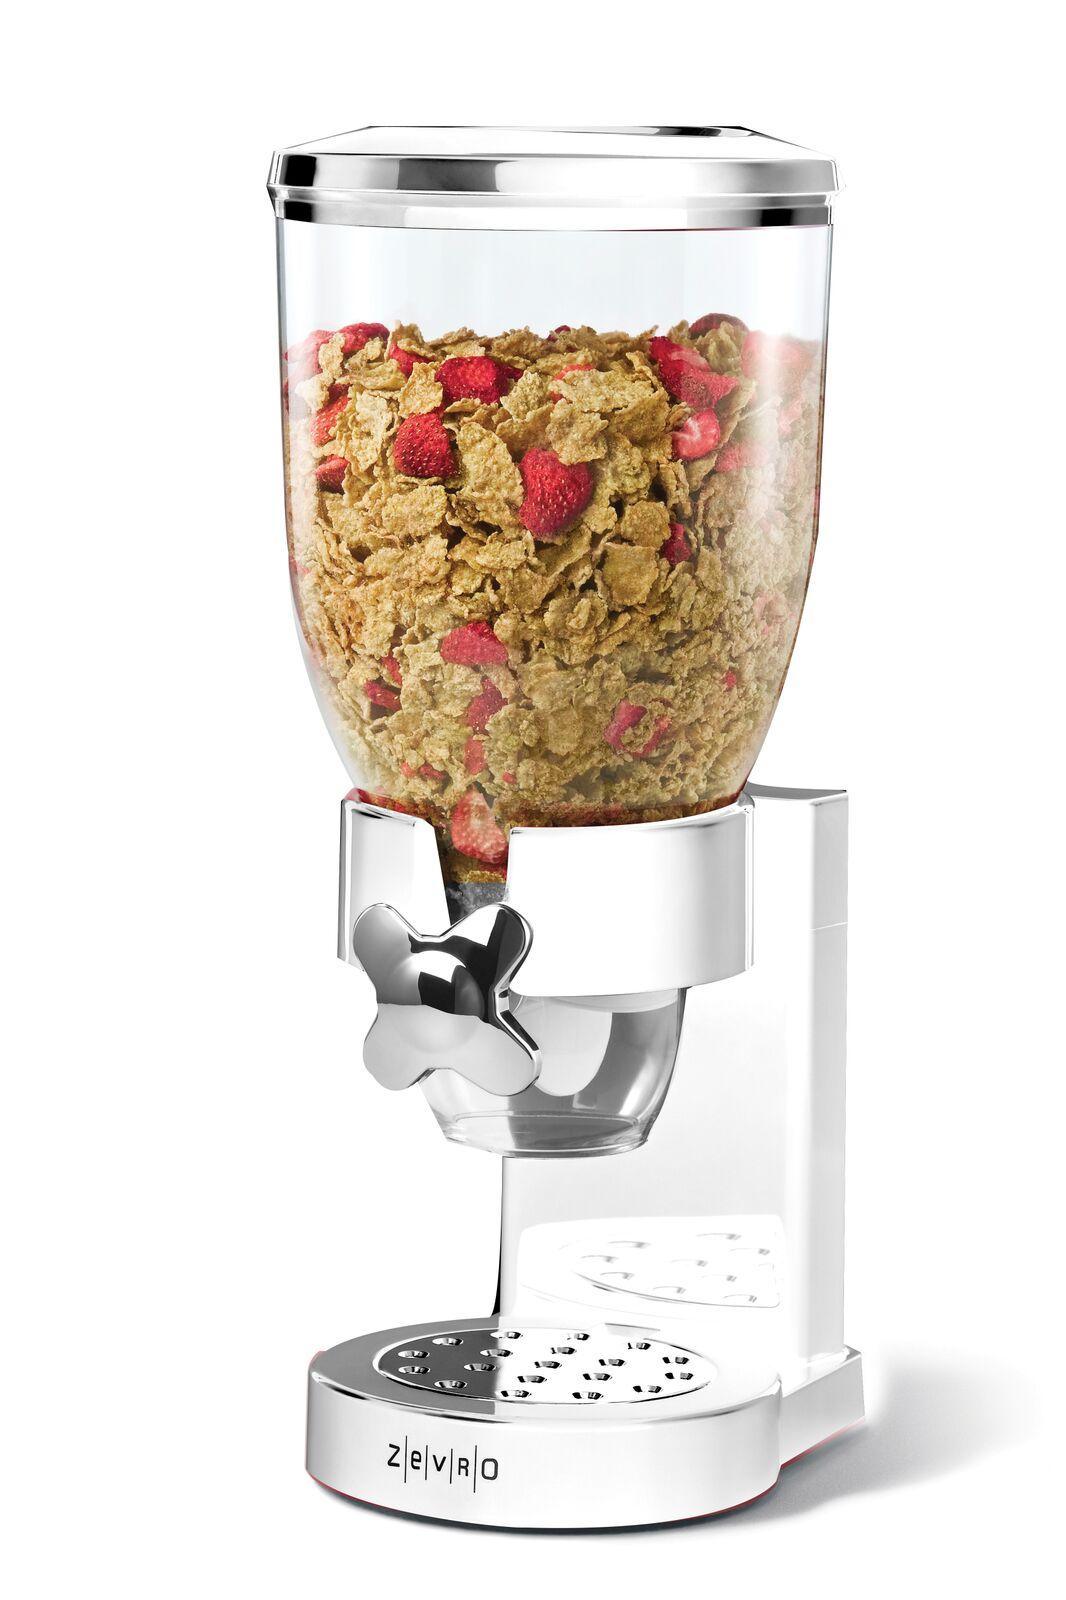 מתקן דגני בוקר food appeal מעוצב ZEVRO במגוון צבעים לבחירה - תמונה 3